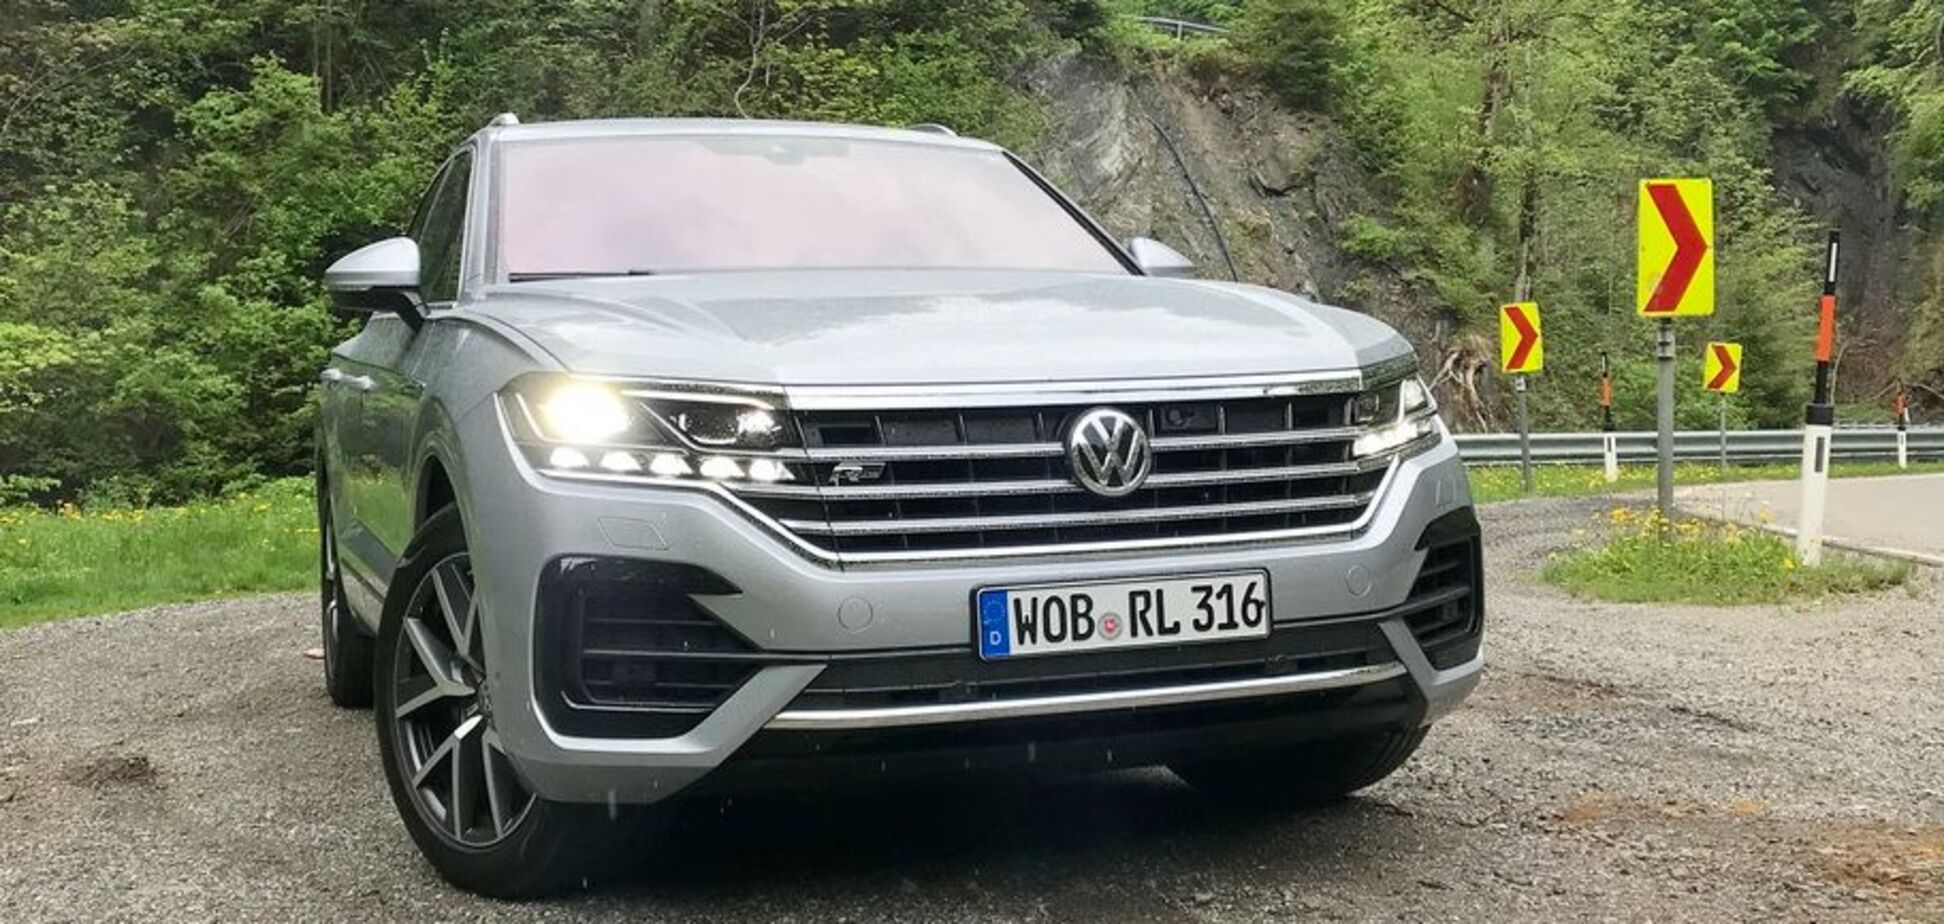 Коли можна відпочити за кермом: тест-драйв: як новий Volkswagen Touareg 2018 став респектабельнішим